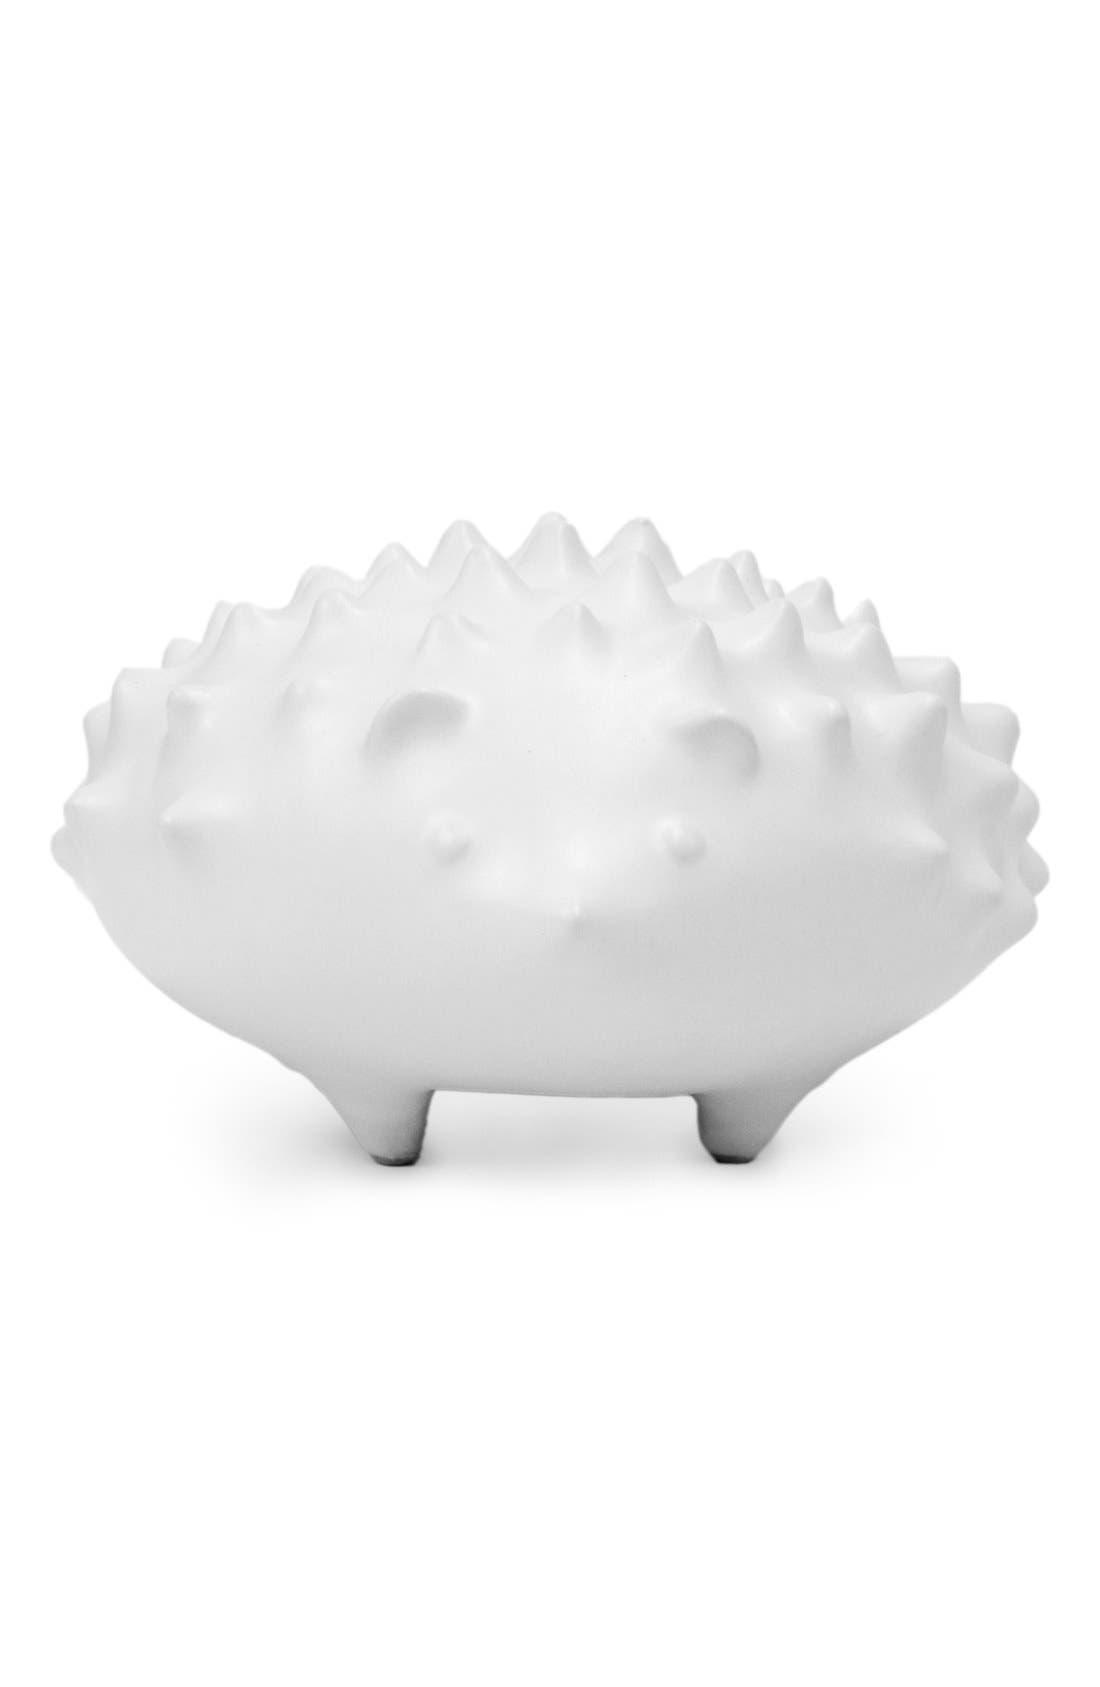 Alternate Image 1 Selected - Jonathan Adler 'Hedgehog' Porcelain Sculpture